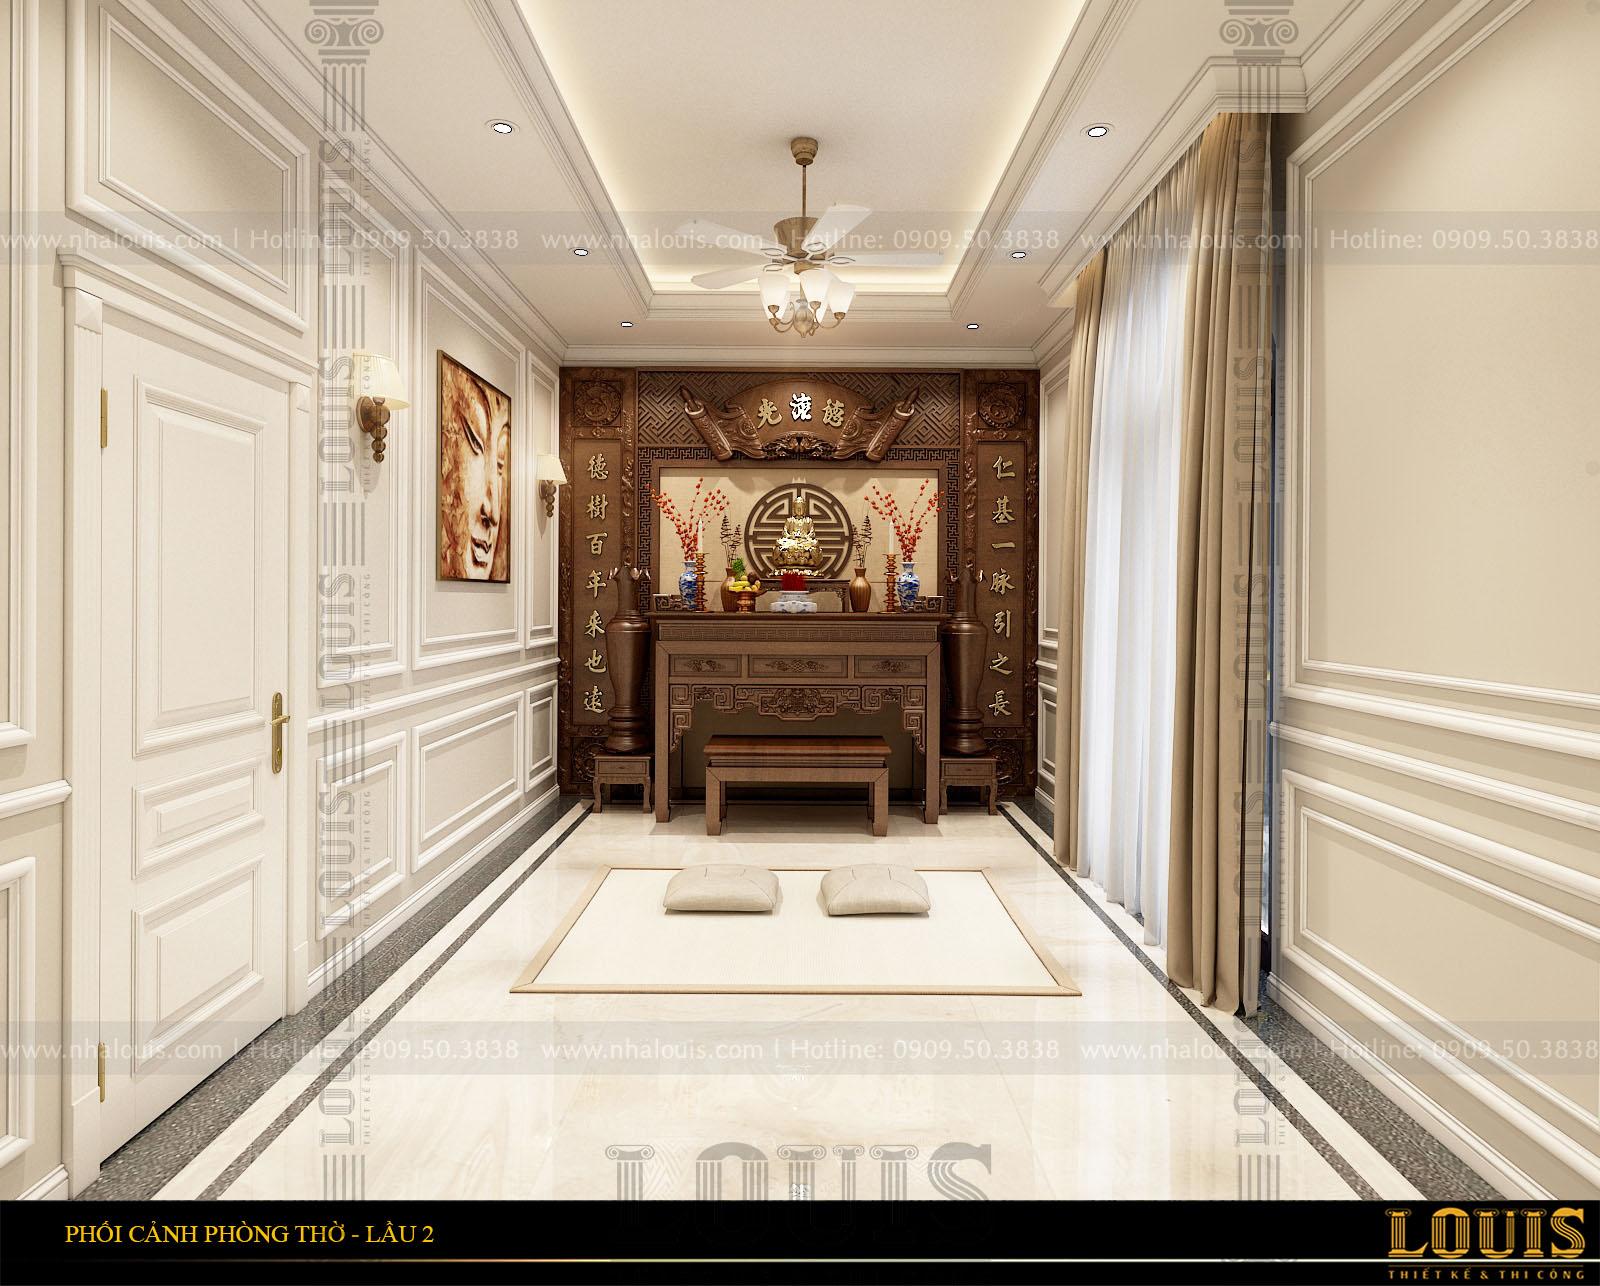 thiết kế cải tạo biệt thự 3 tầng cổ điển tại bến tre